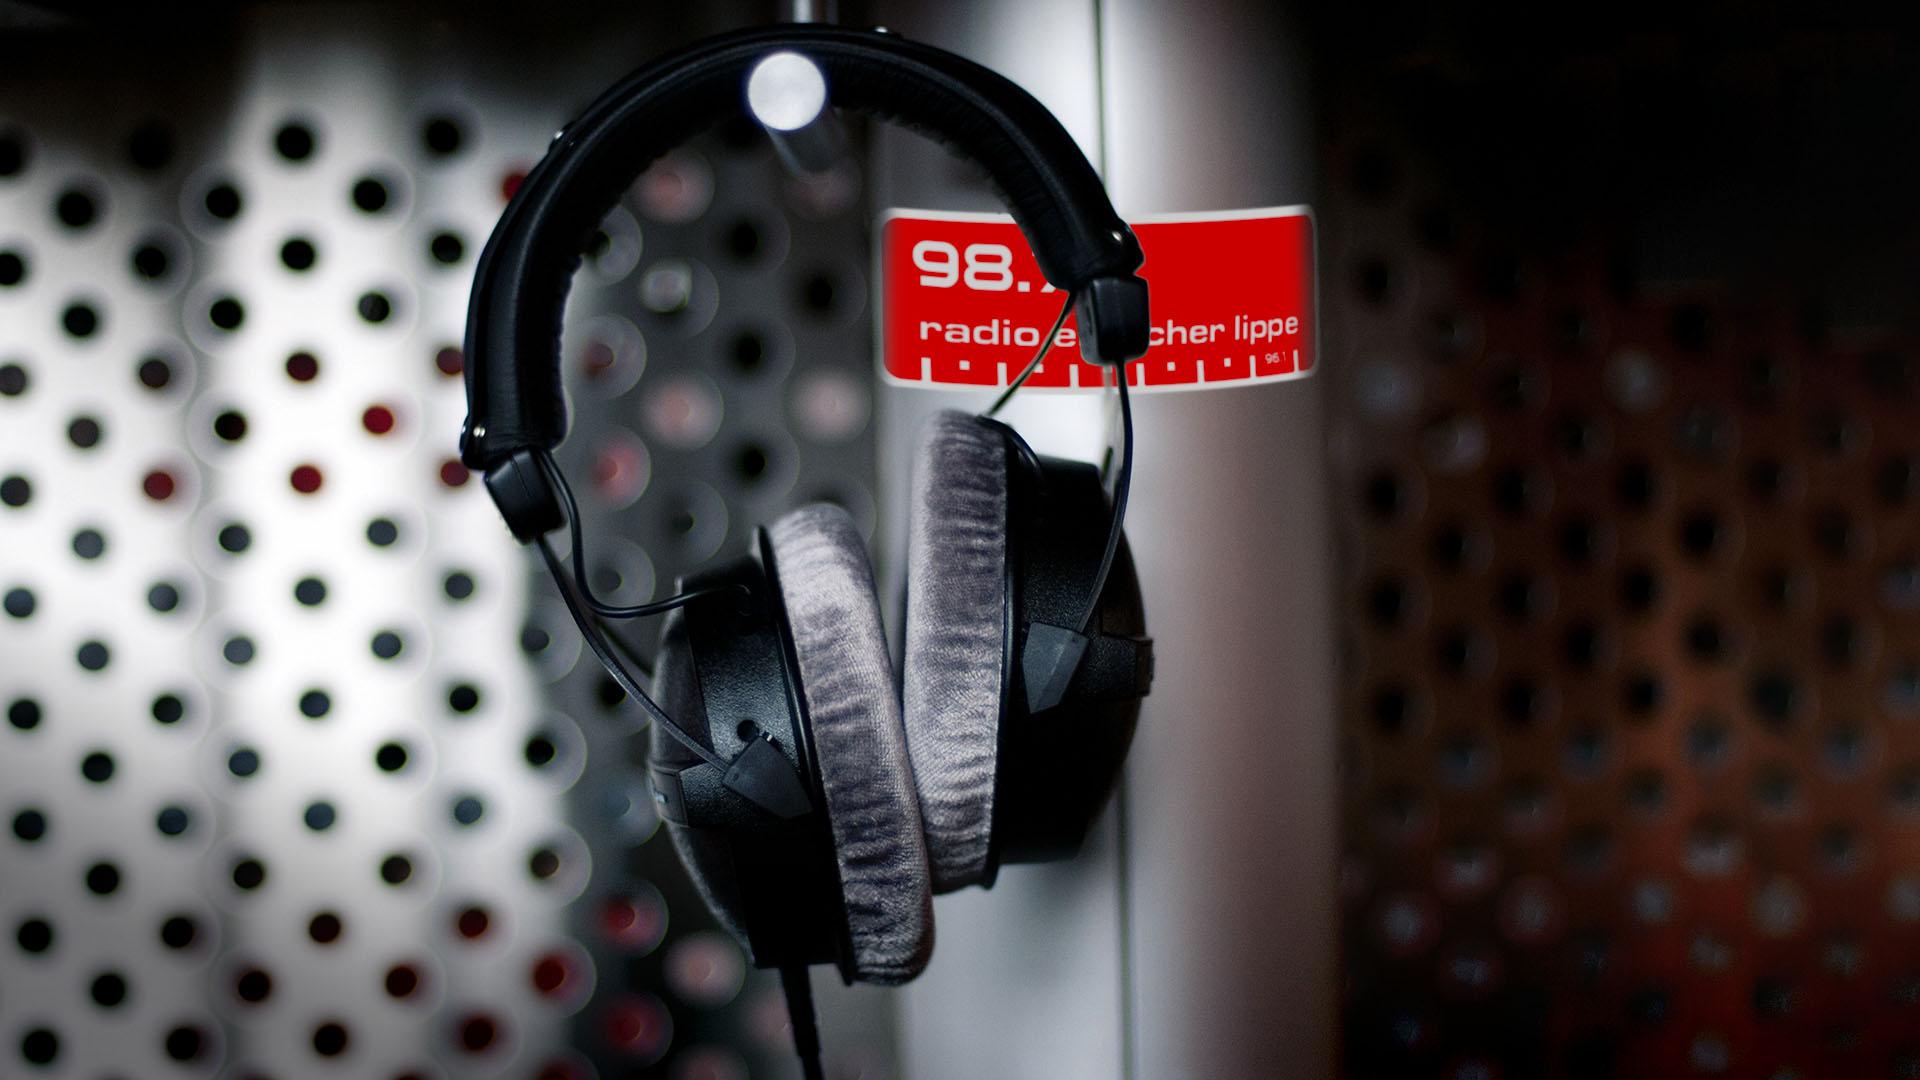 Das Studio in einer Nahaufnahme mit einem Kopfhörer von Radio Emscher Lippe.